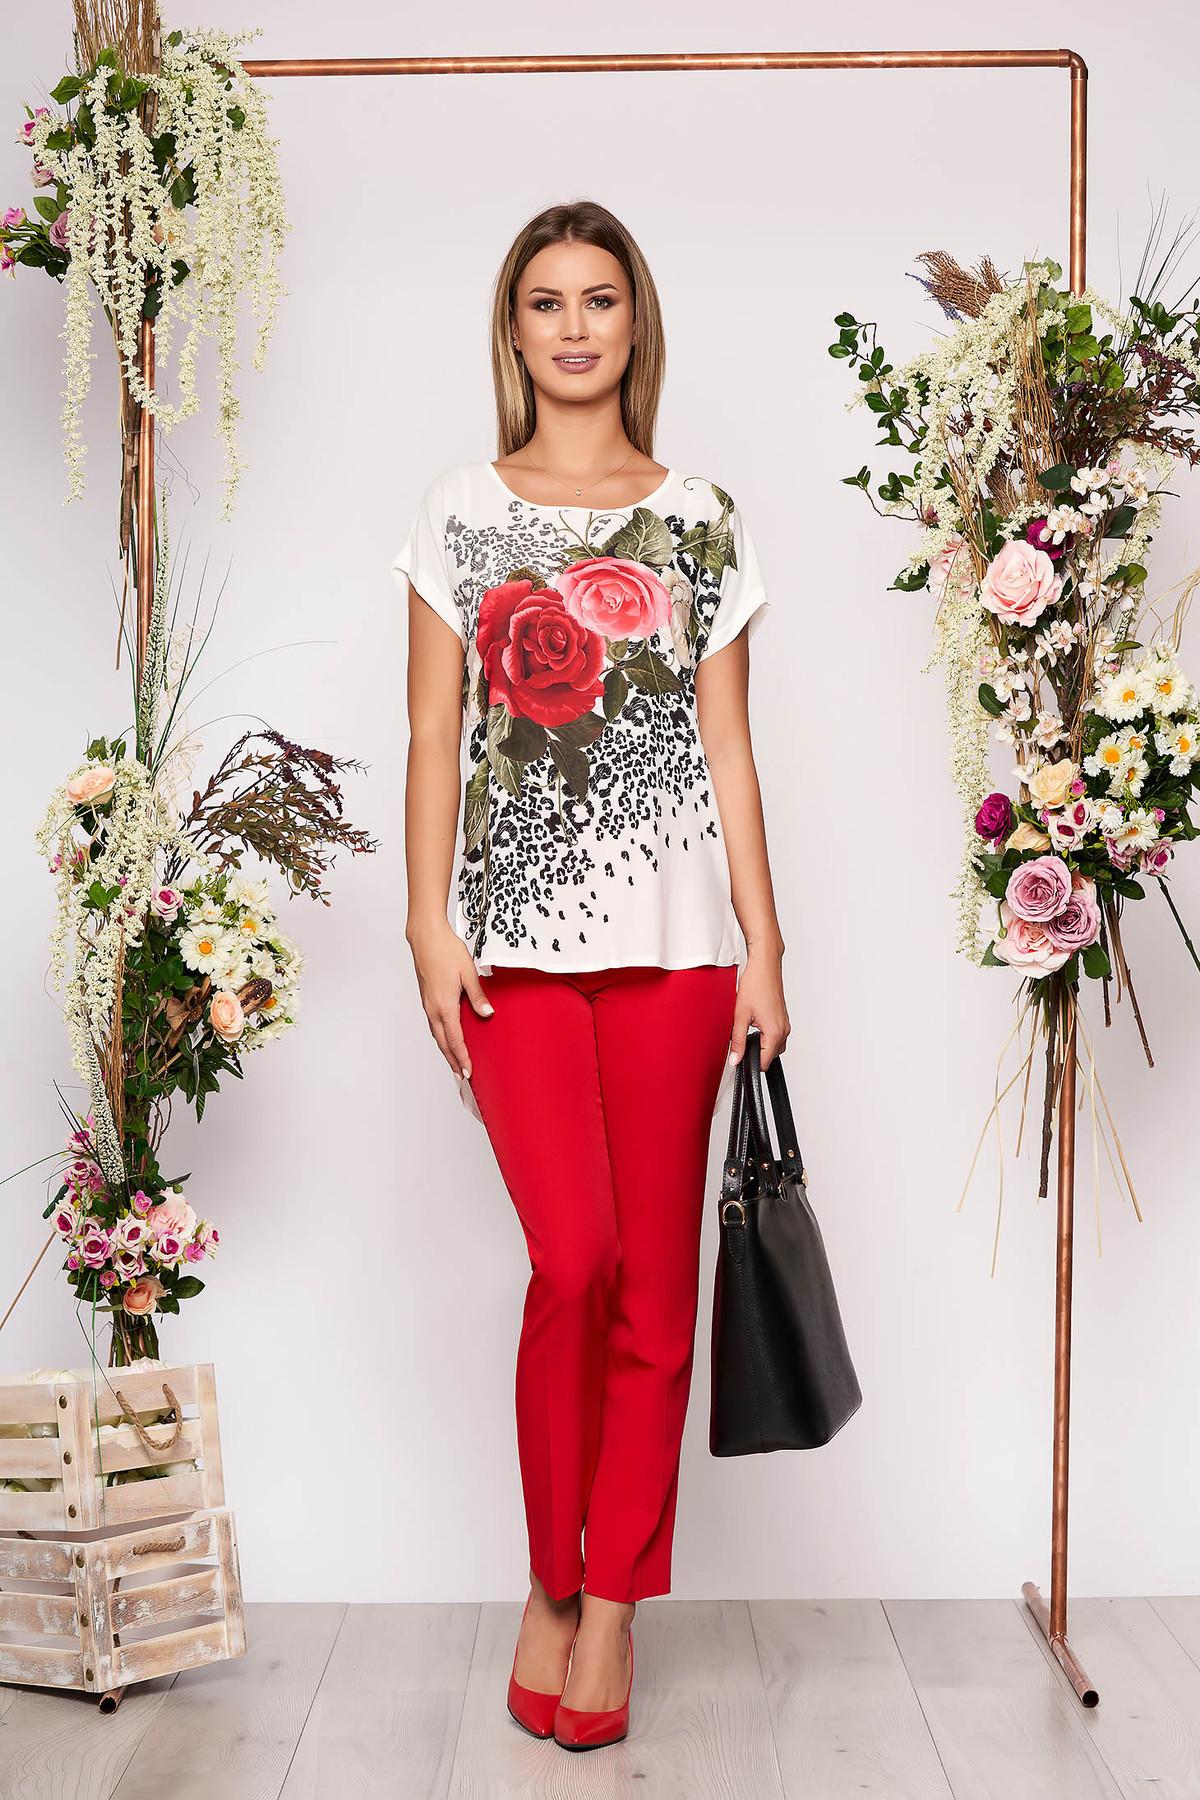 Compleu rosu elegant din 2 piese cu pantalon din bumbac cu imprimeu floral